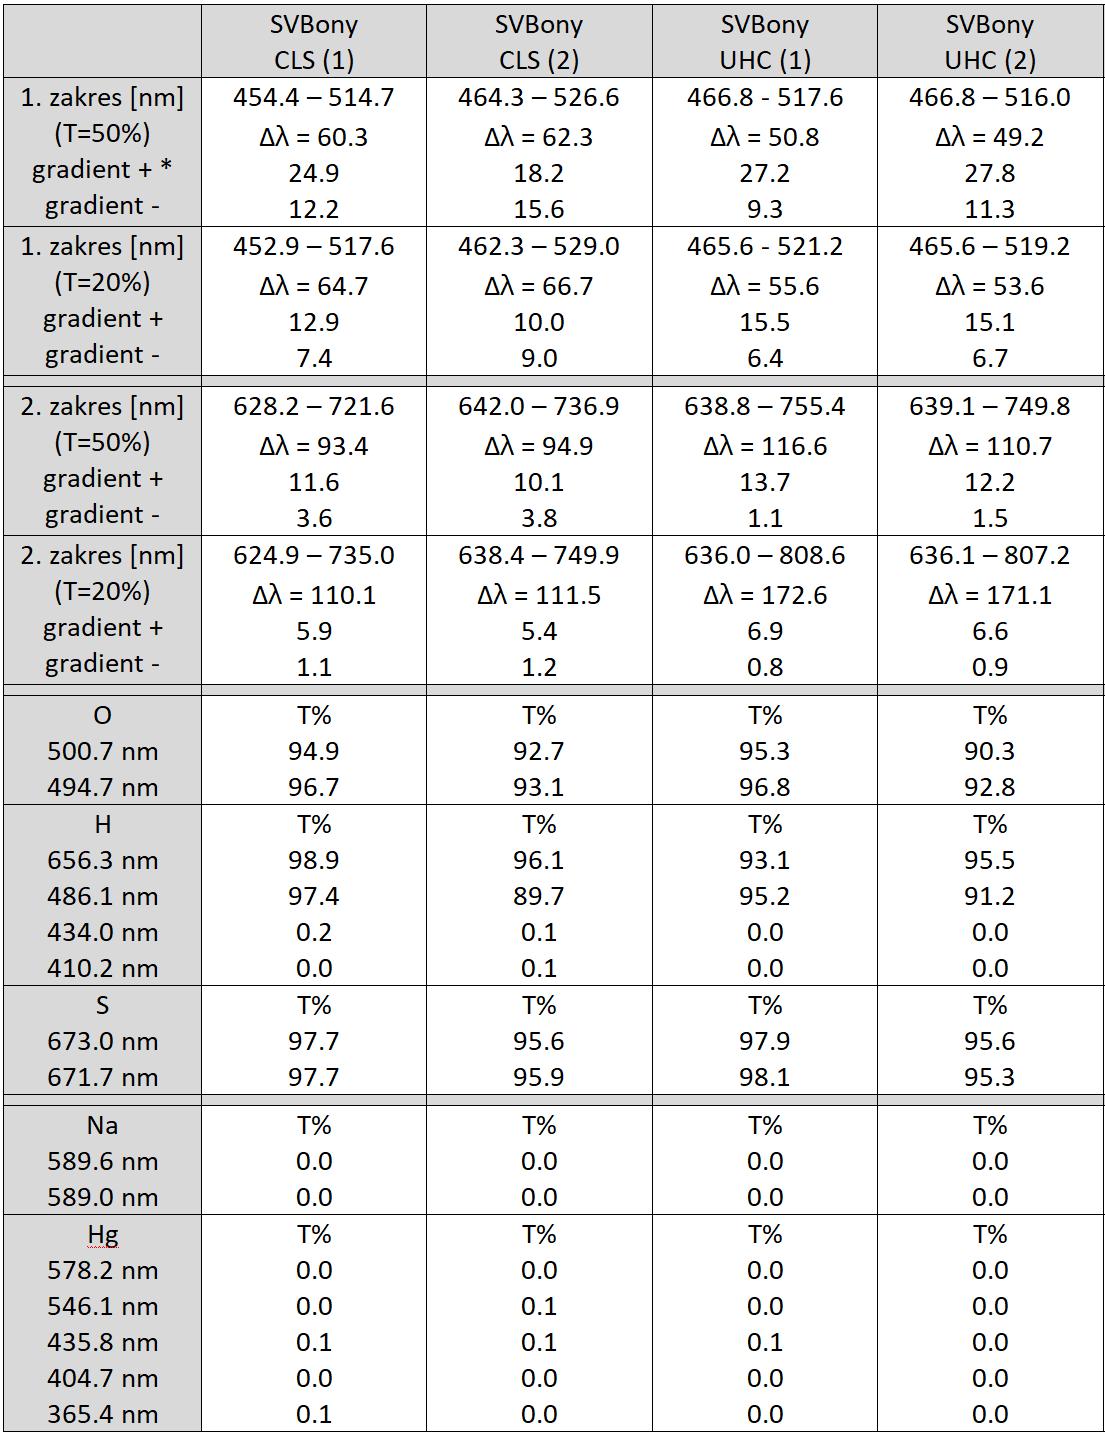 Tabela2.png.f2215f035b5961bad049aeb07025cb5a.png